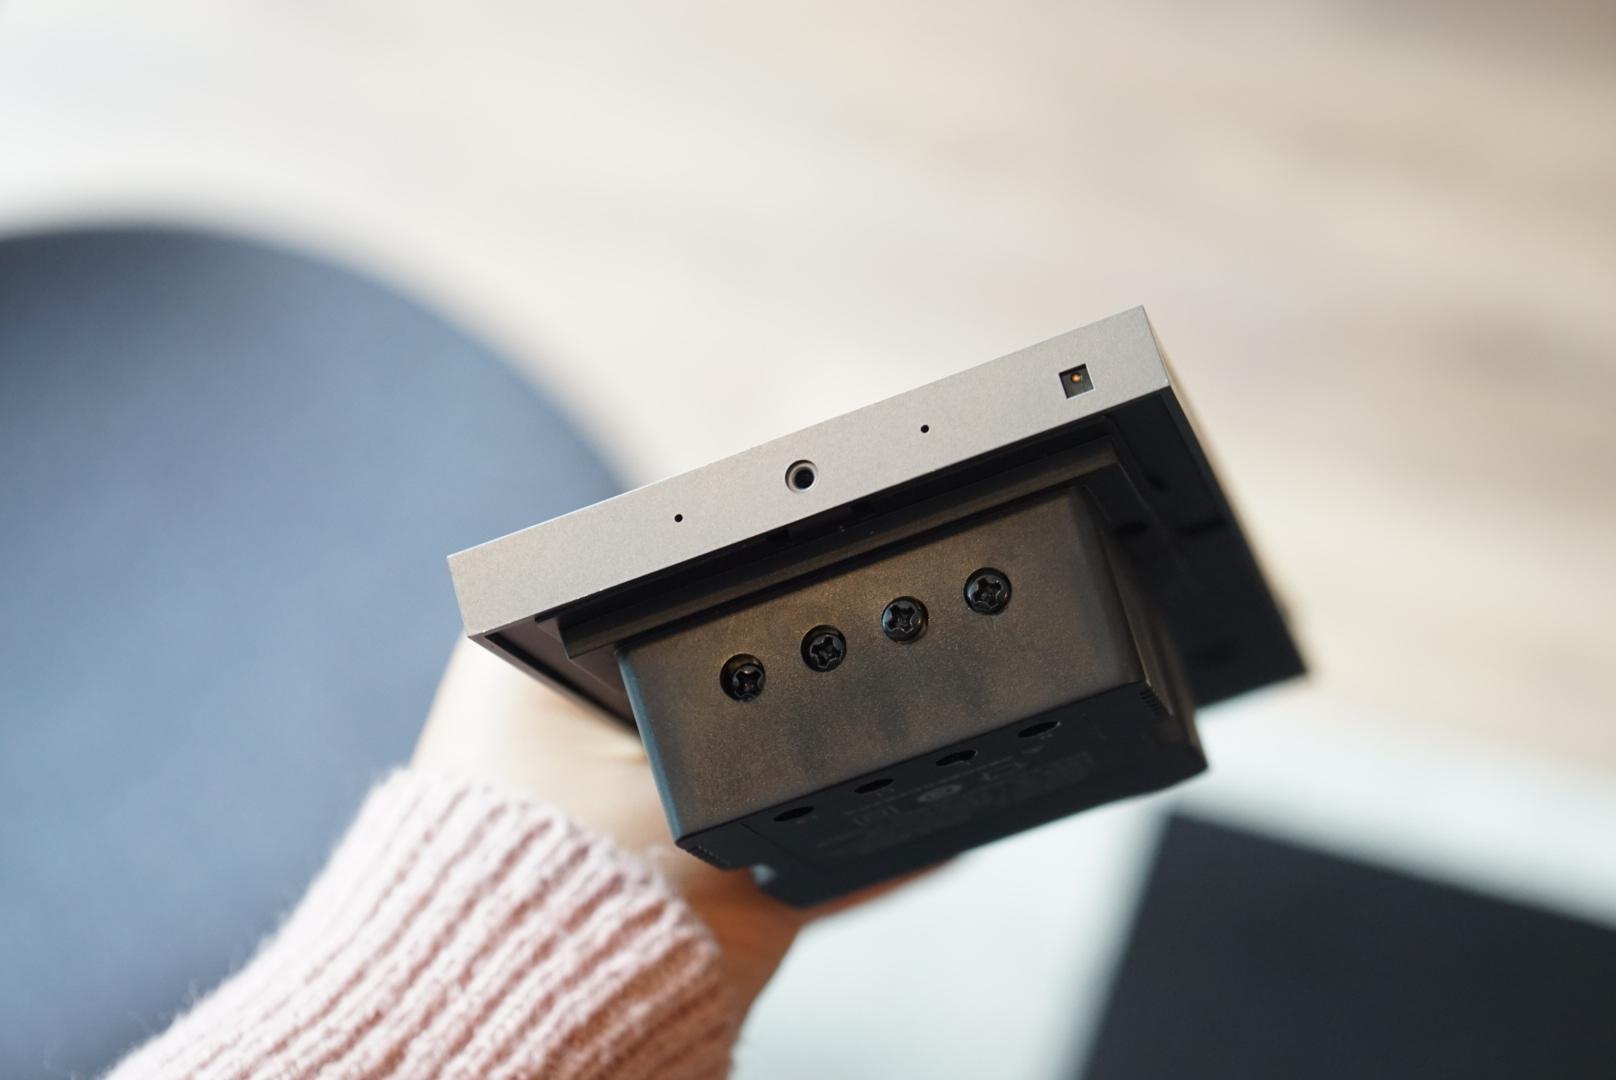 欧瑞博MixPad S体验:简洁全面的智能家居,做到了小米做不到的